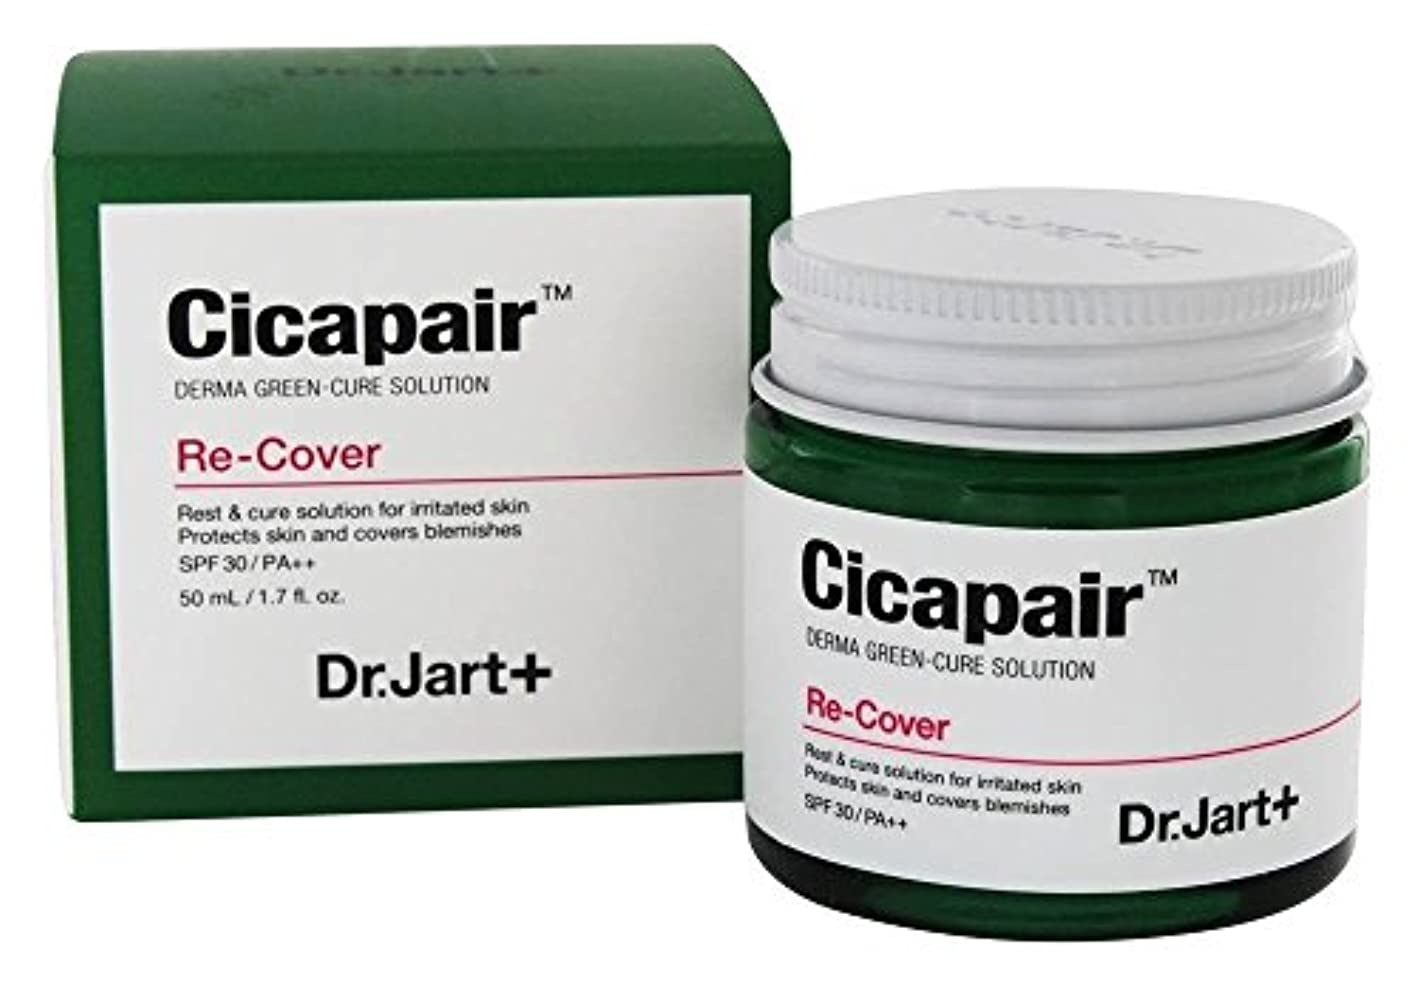 悔い改めるプレーヤー切るDr. Jart+ Cicapair Derma Green-Cure Solution Recover Cream 50ml [並行輸入品]